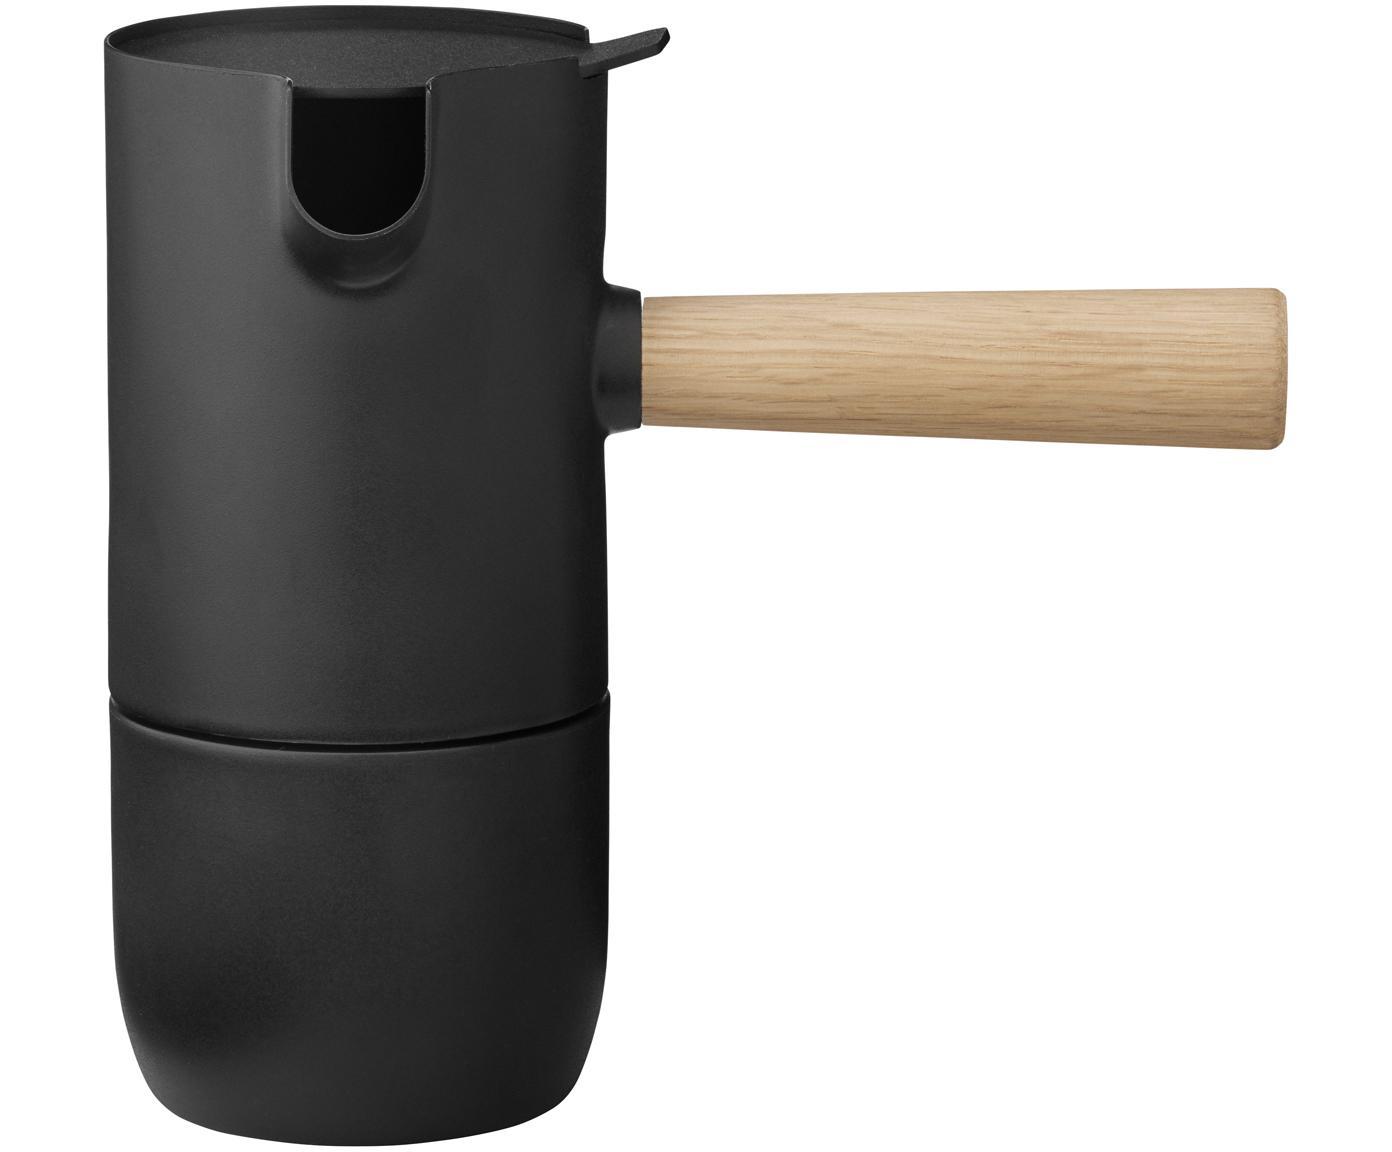 Kawiarka Collar, Pojemnik: czarny, matowy Uchwyt: jasny brązowy, 340 ml